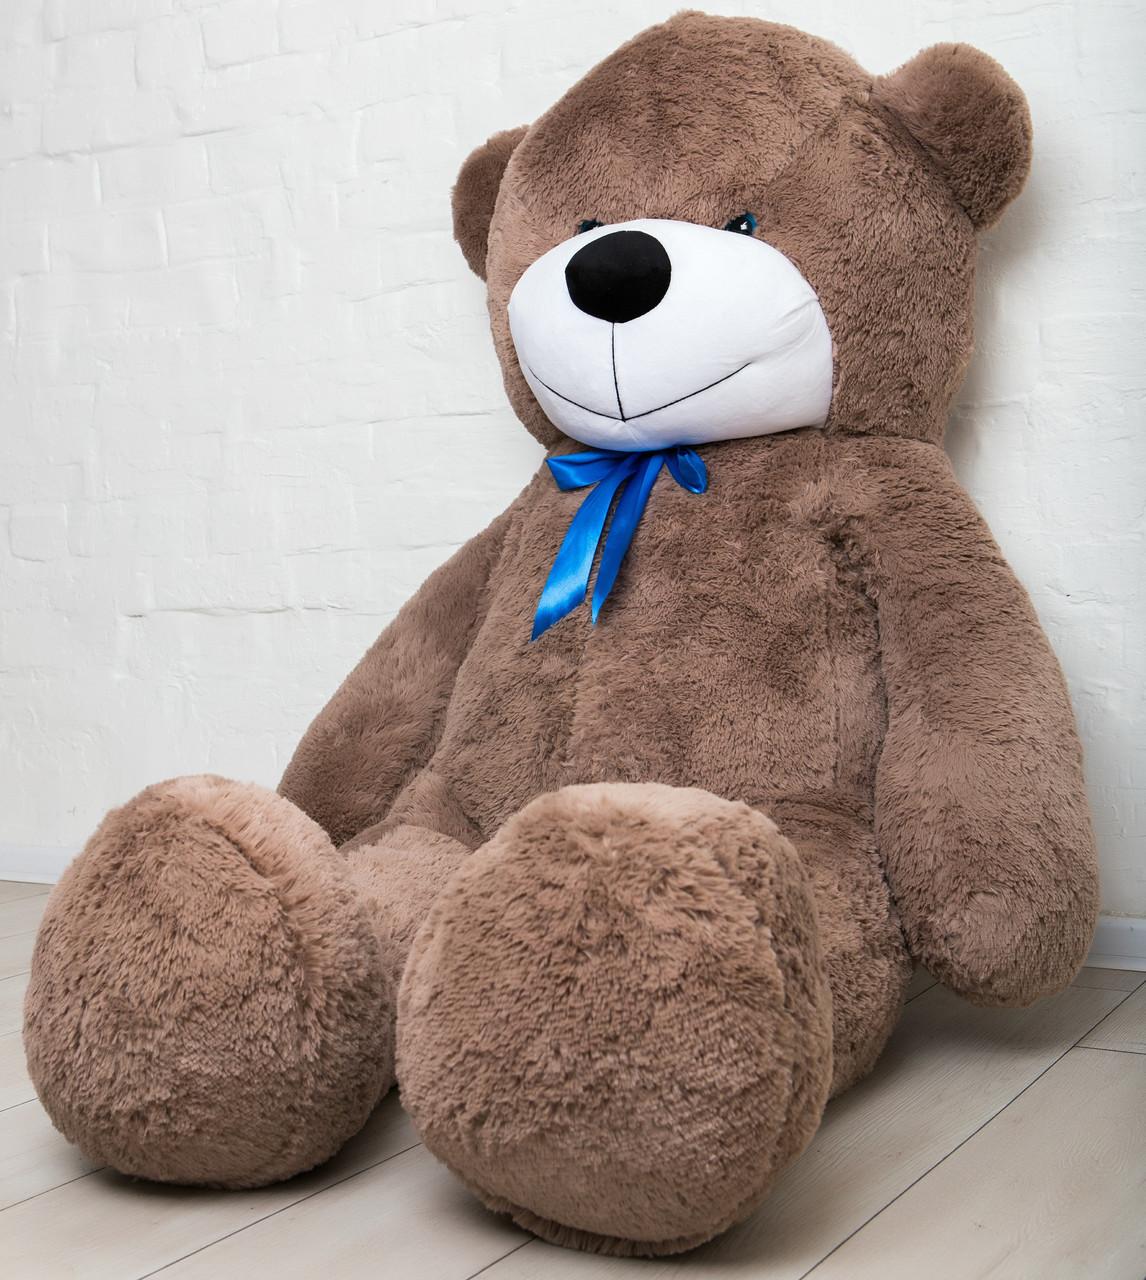 🌟🌟🌟🌟🌟❤️ Плюшевый Мишка 2 метра в Подарок. 200 см Большой Плюшевый Медведь Капучино.. Мягкая игрушка.